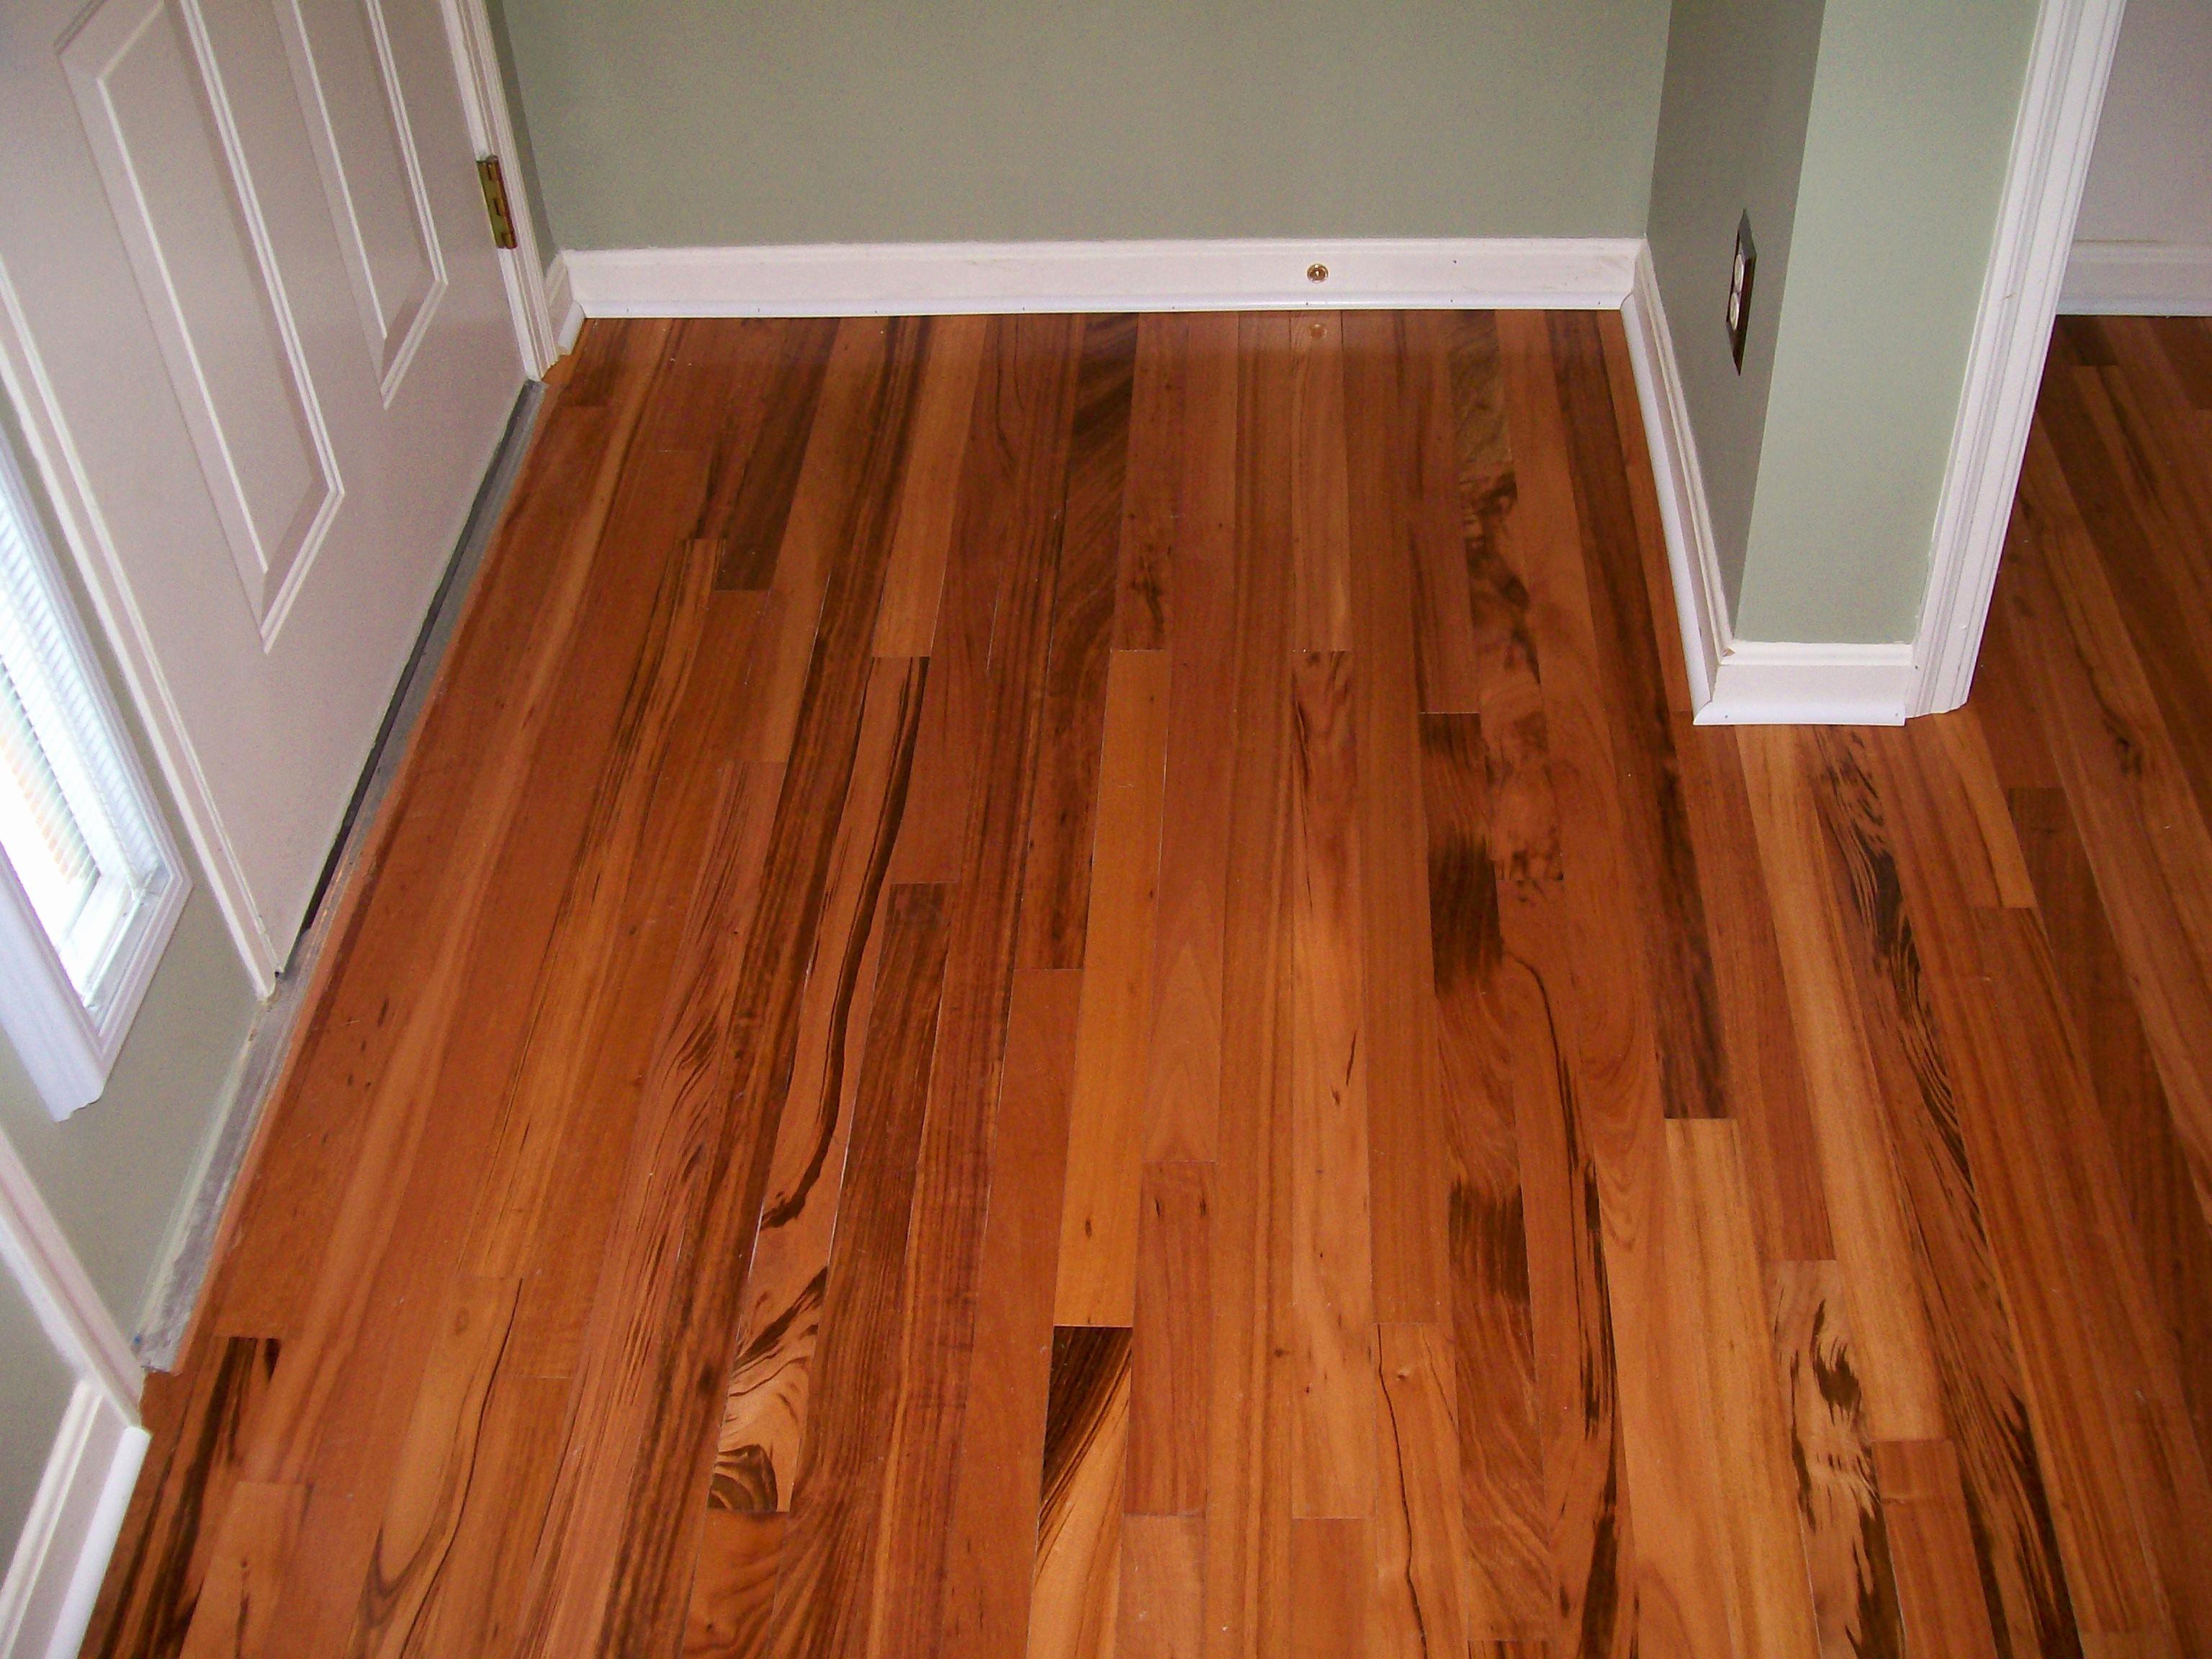 Hardwood Floors and Tile Flooring